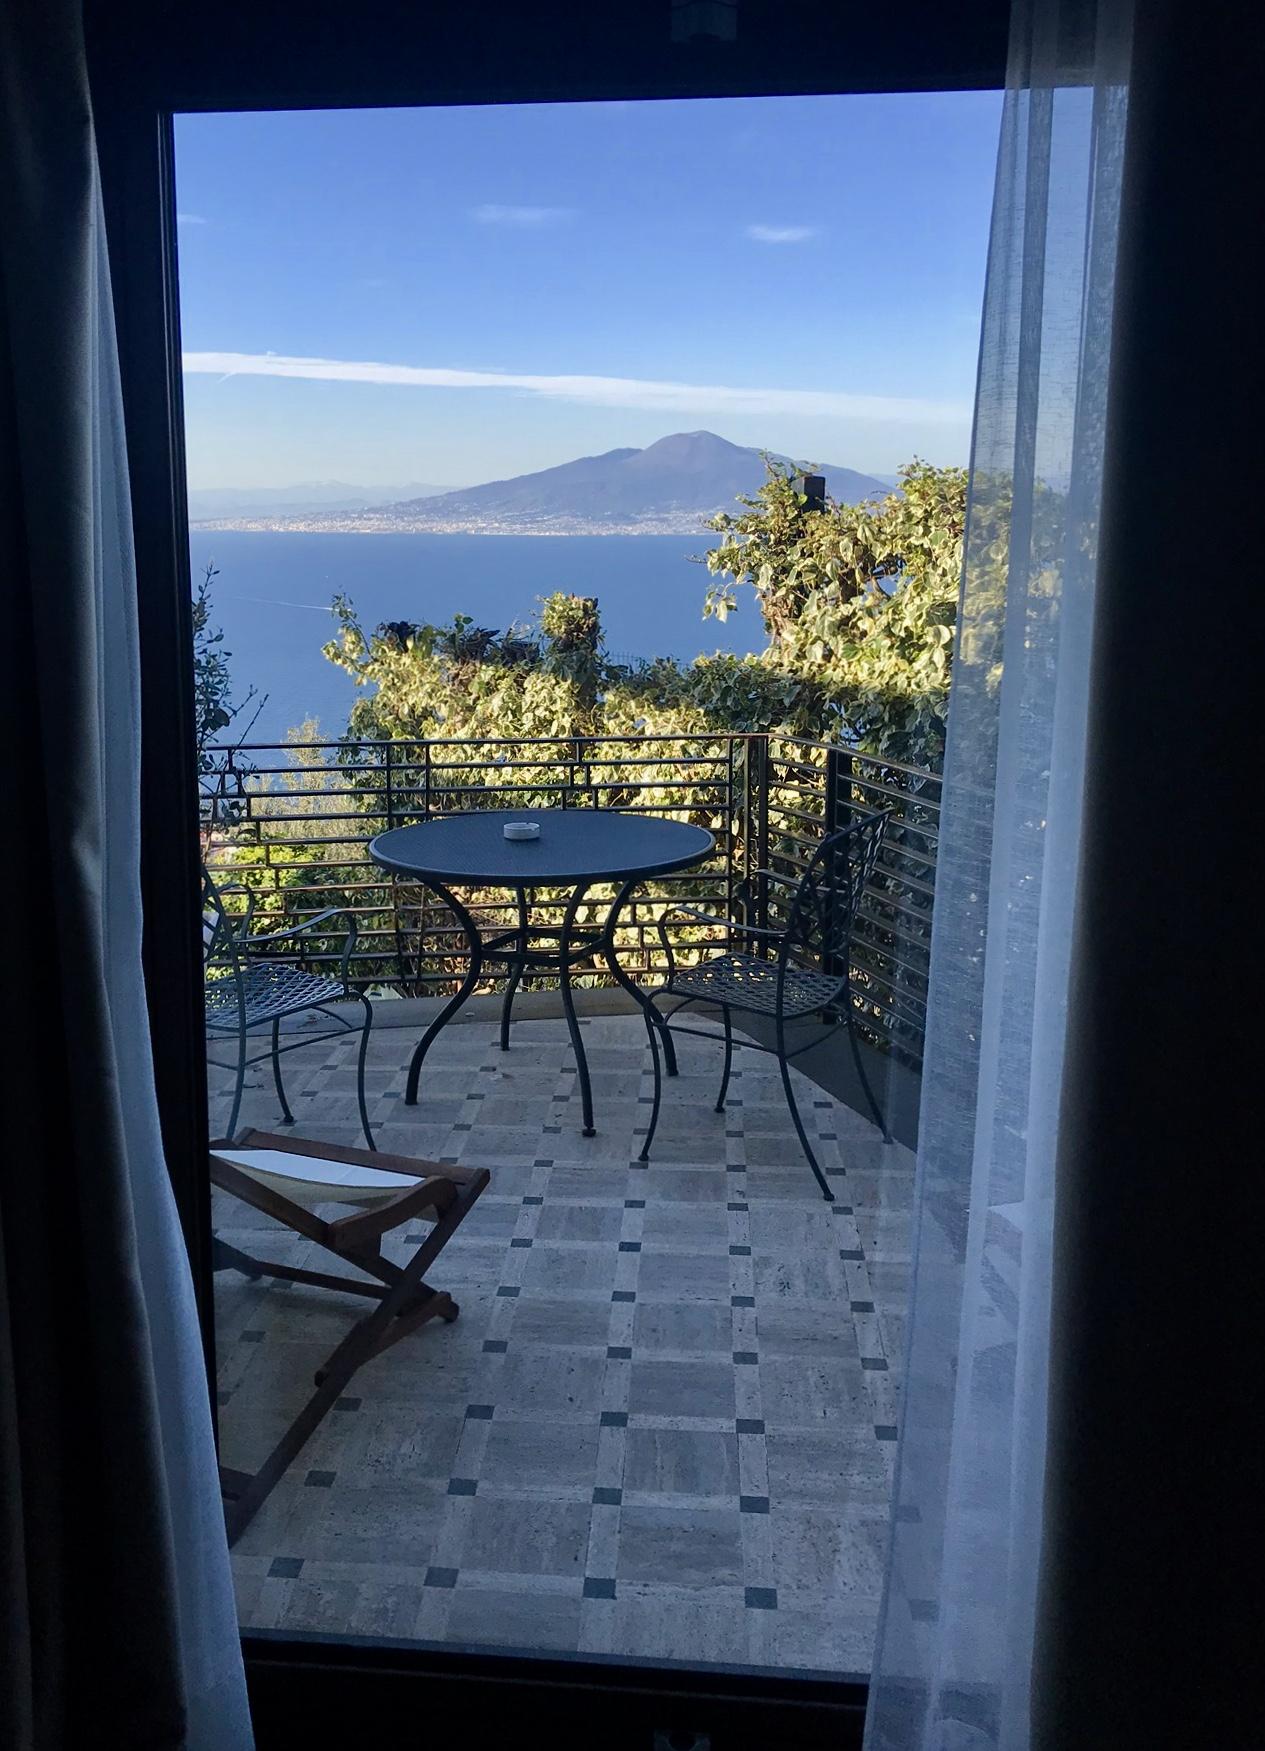 Utsikten från hotellrummet